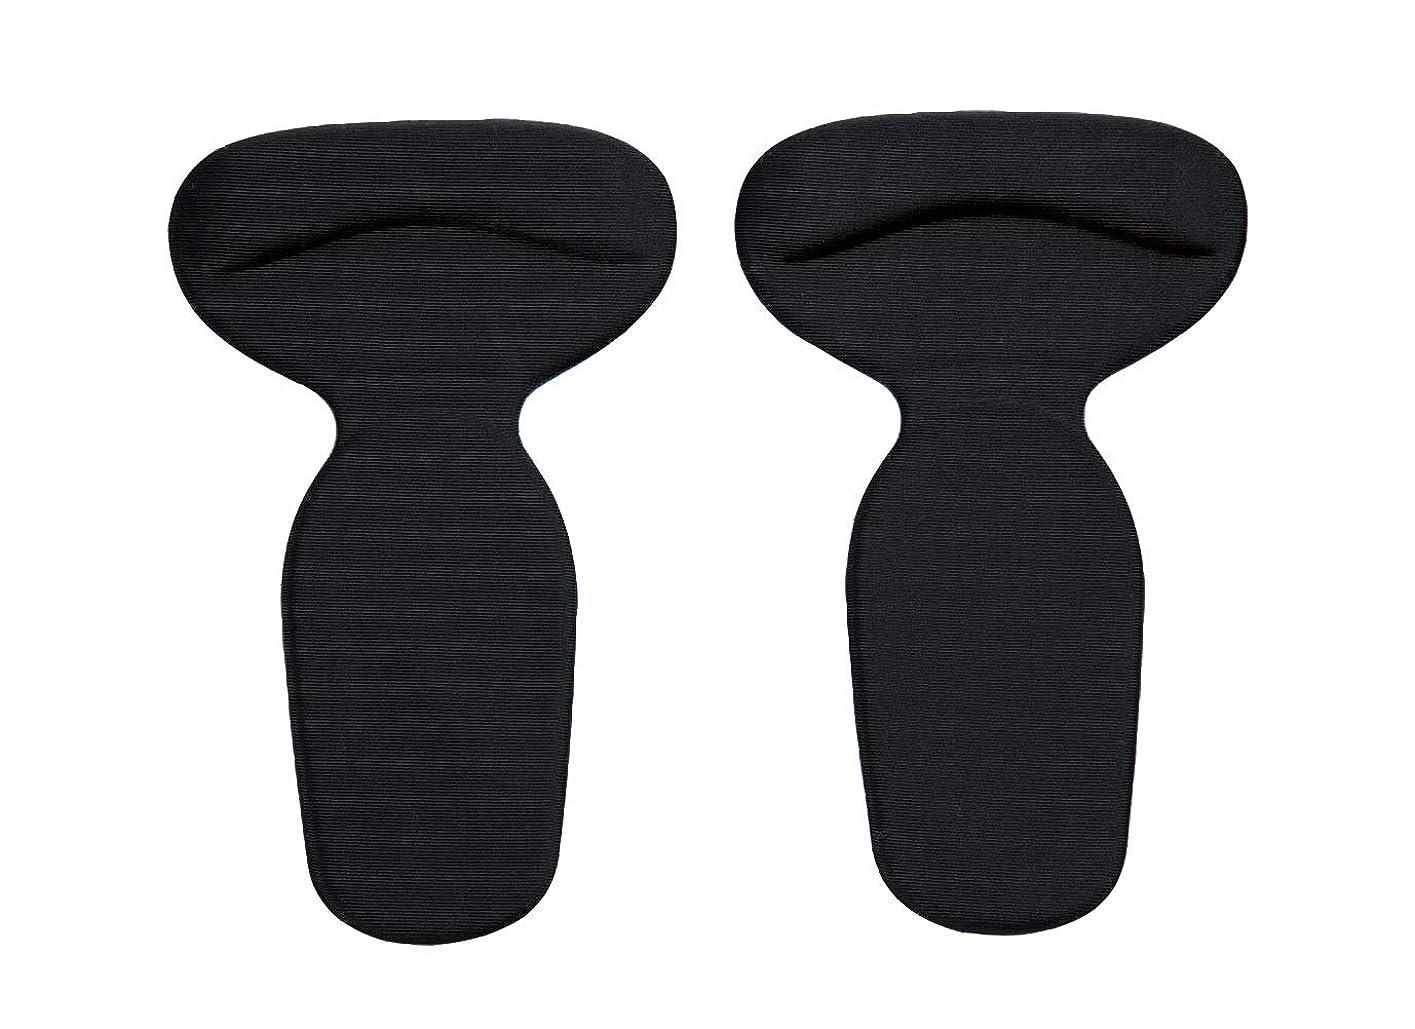 吸収剤警告大通り靴に貼るだけ くつズレん 黒 クッション パッド インソール ずれ防止 かかと